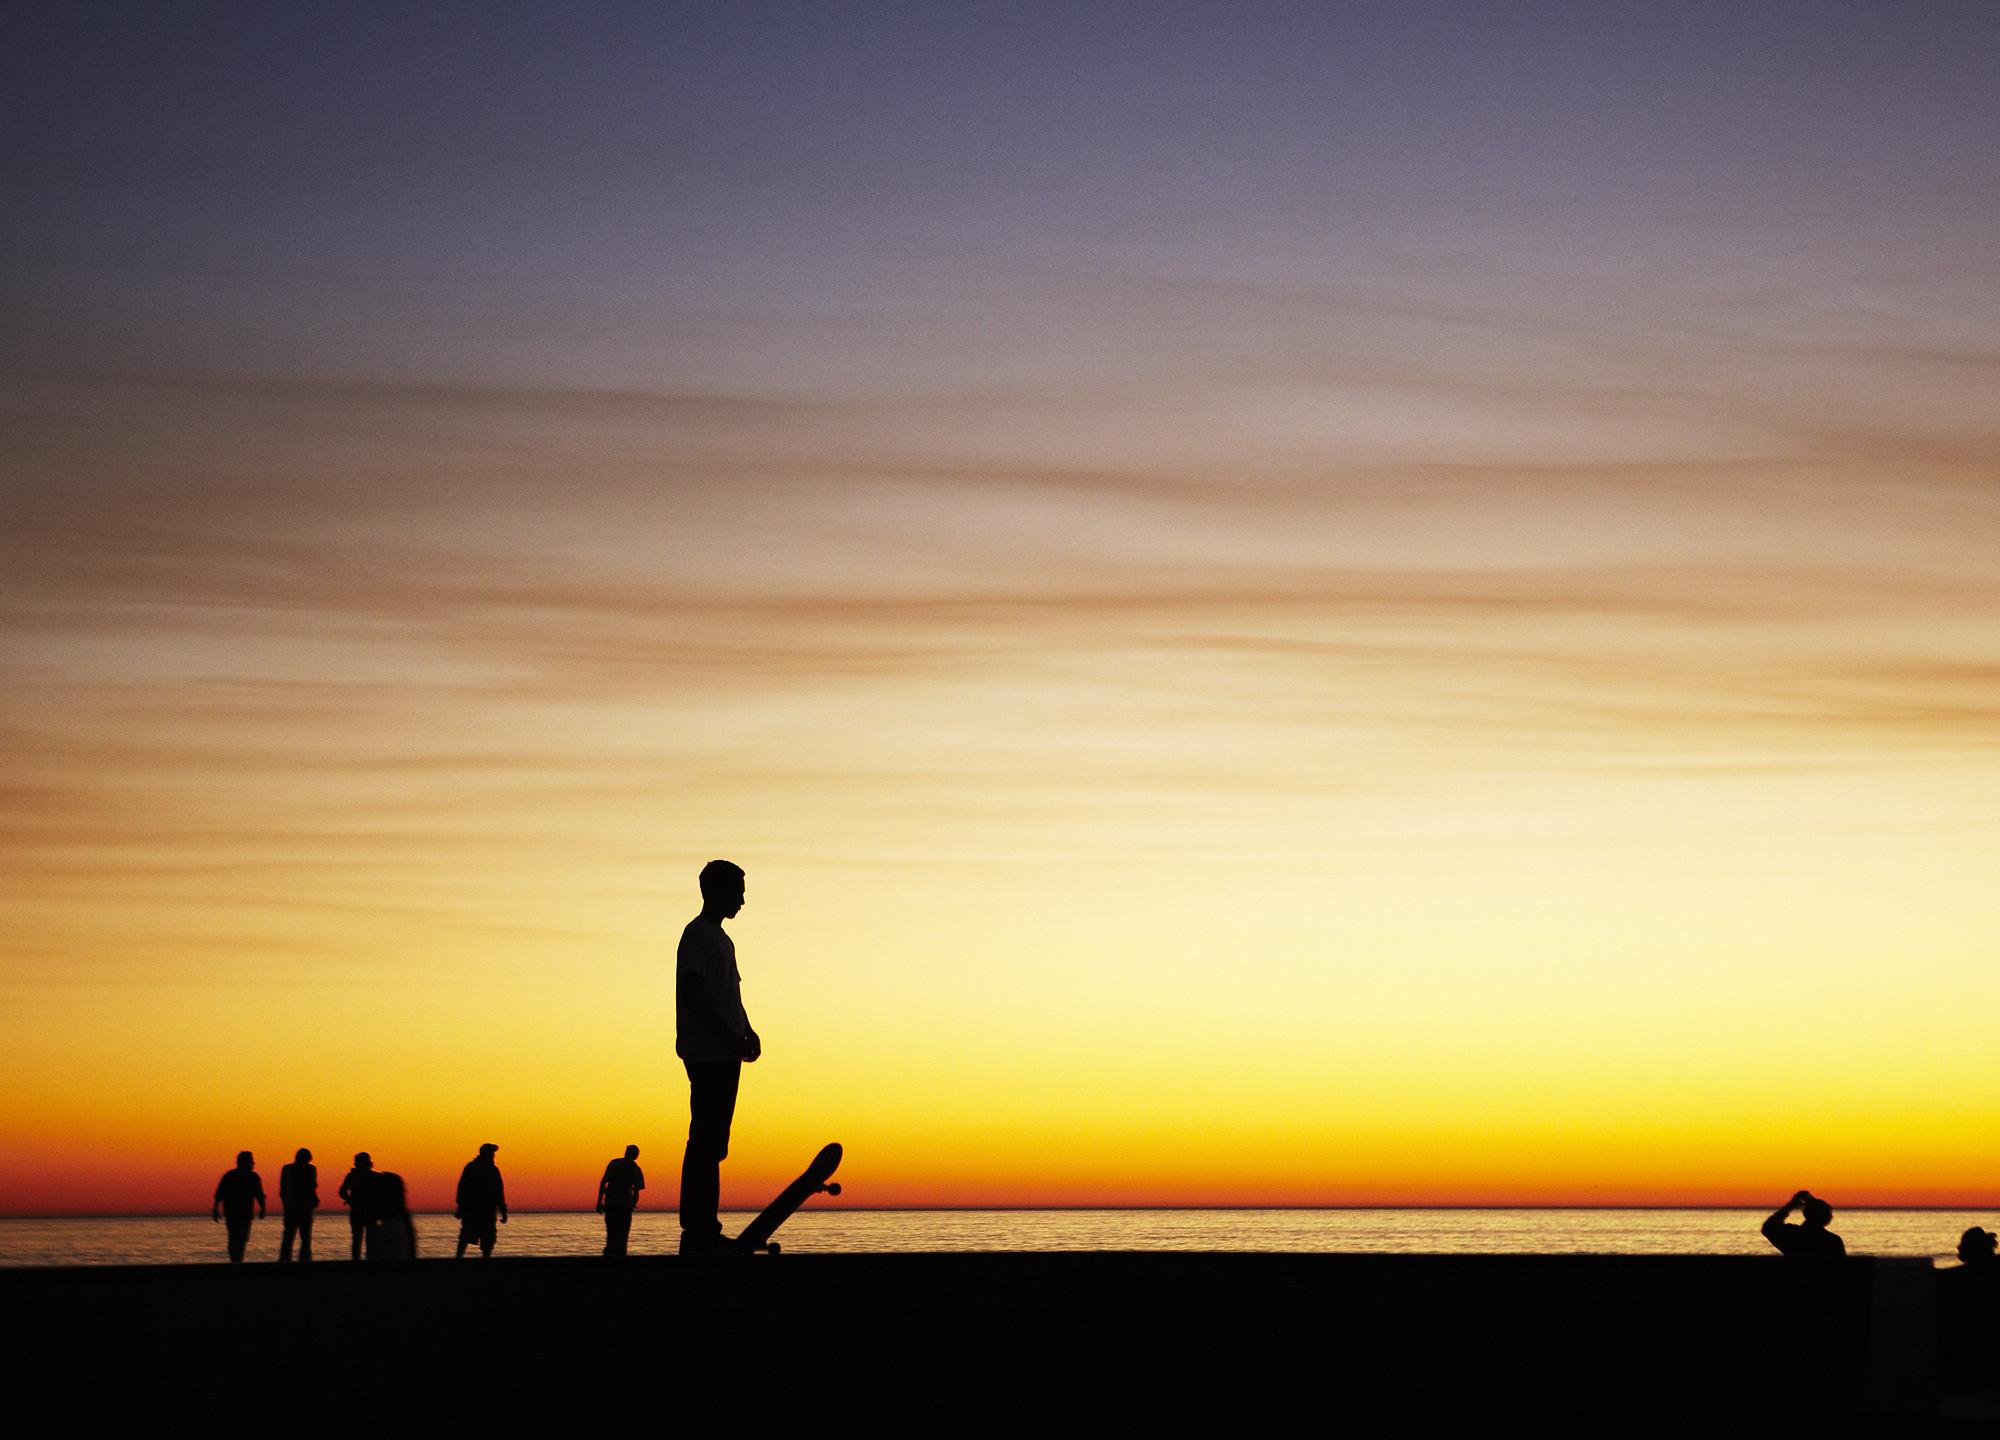 Grant Smith - Skateboarding at sunset